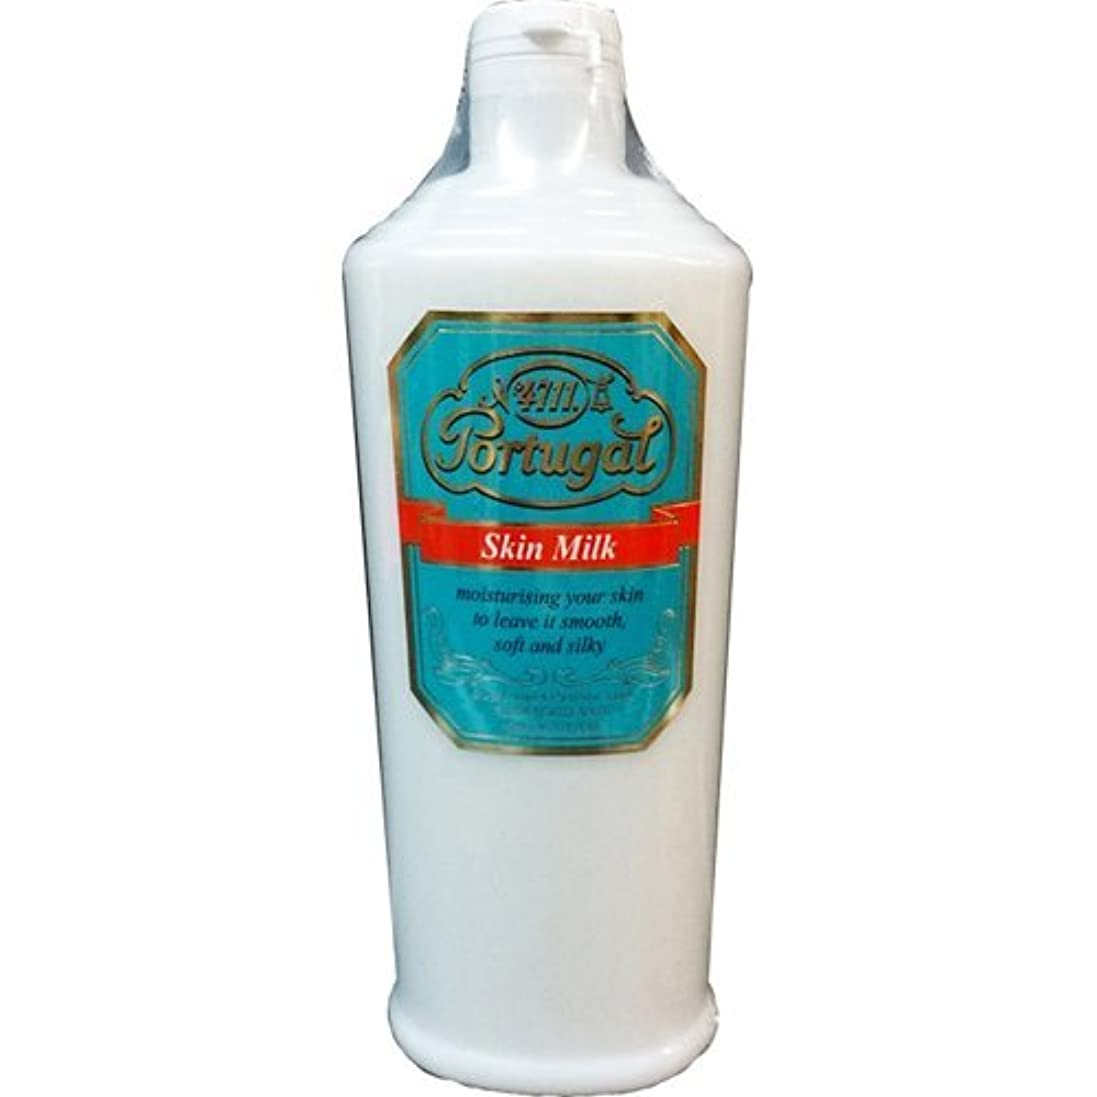 口述調査予定4711 ポーチュガル スキンミルク 500ml